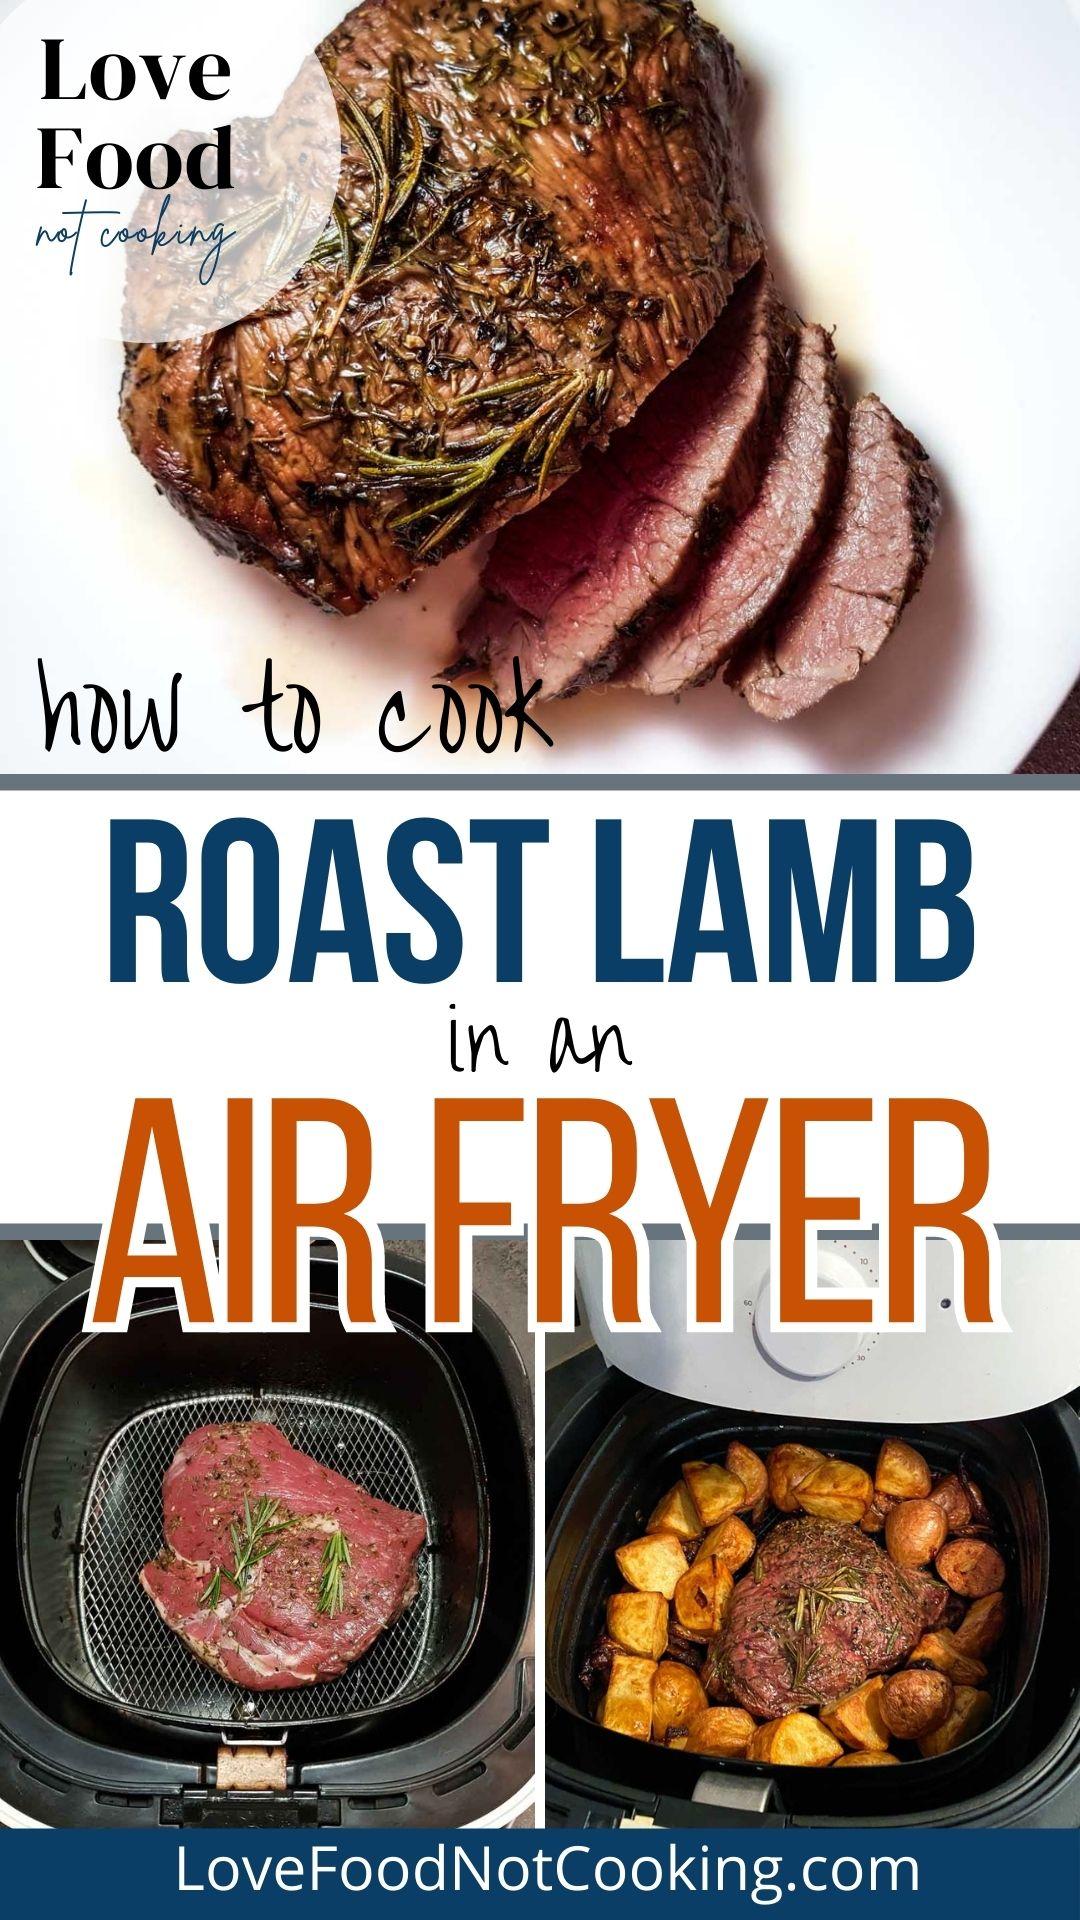 Air fryer roast lamb pin